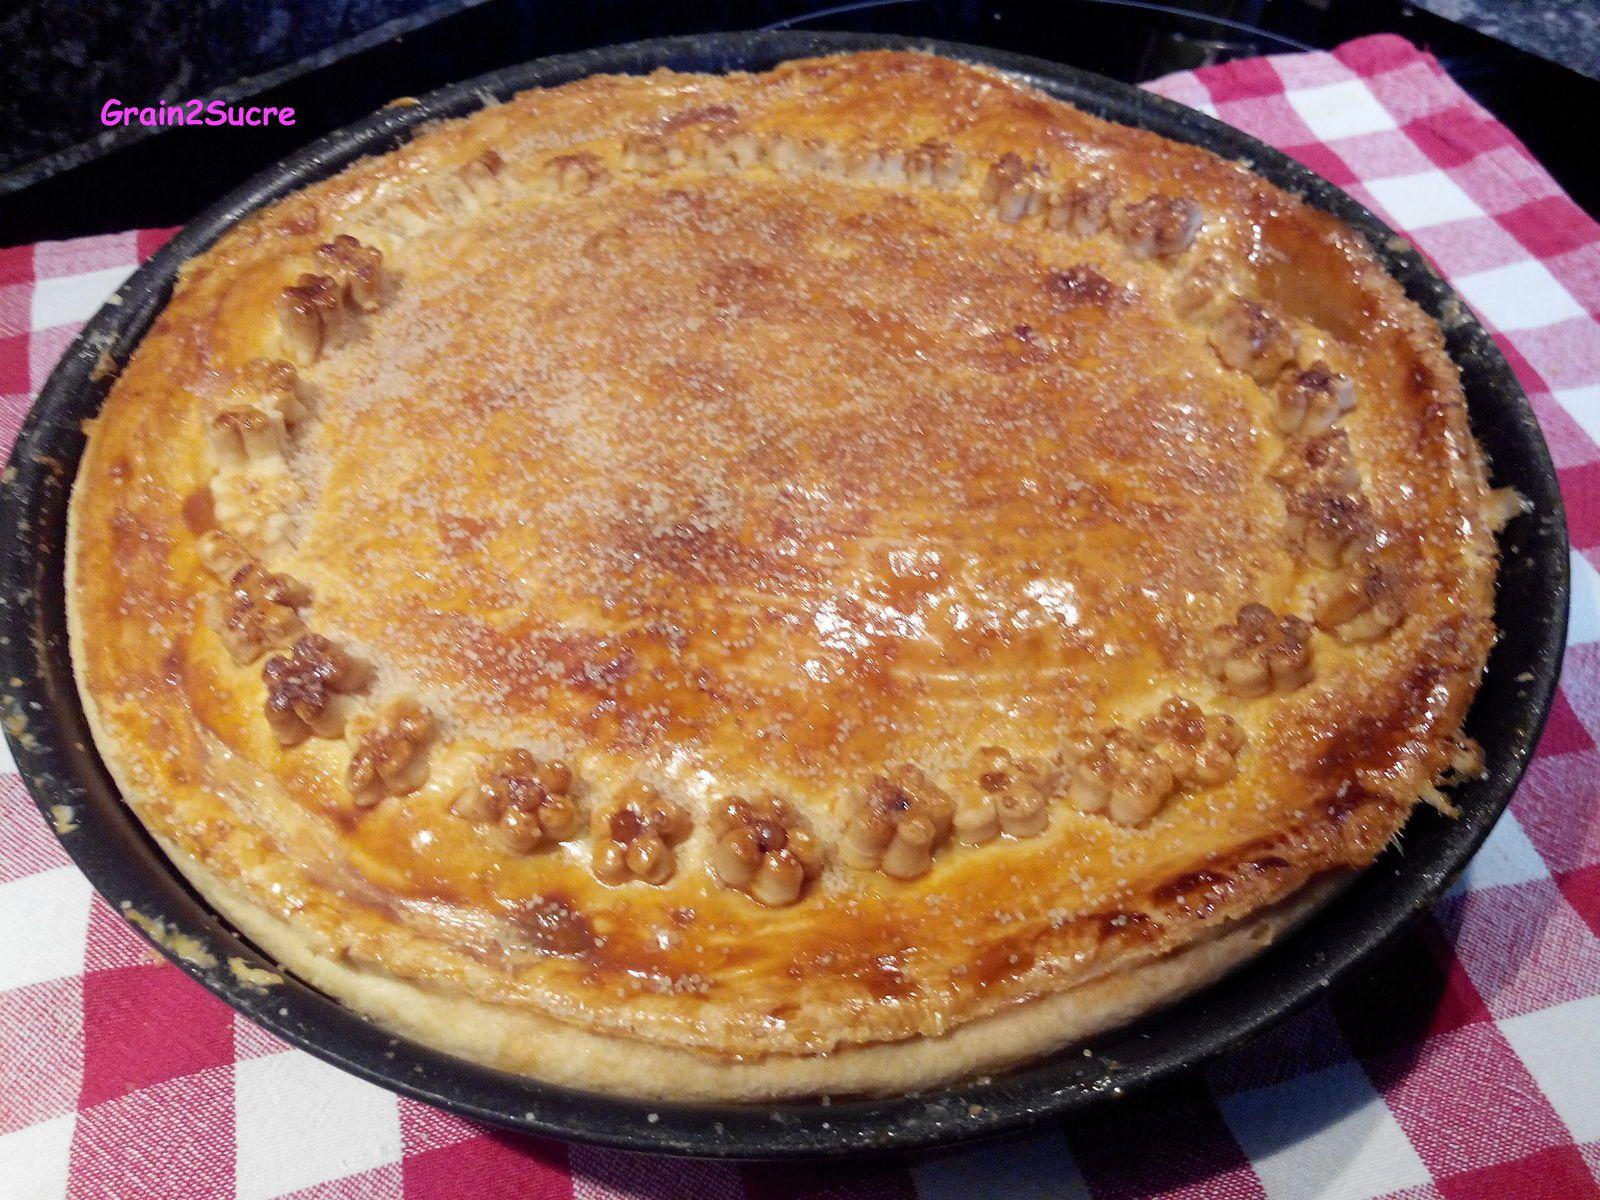 Grain2Sucre. Recette Apple Pie aux pommes. Farine, beurre, pommes, cannelle...